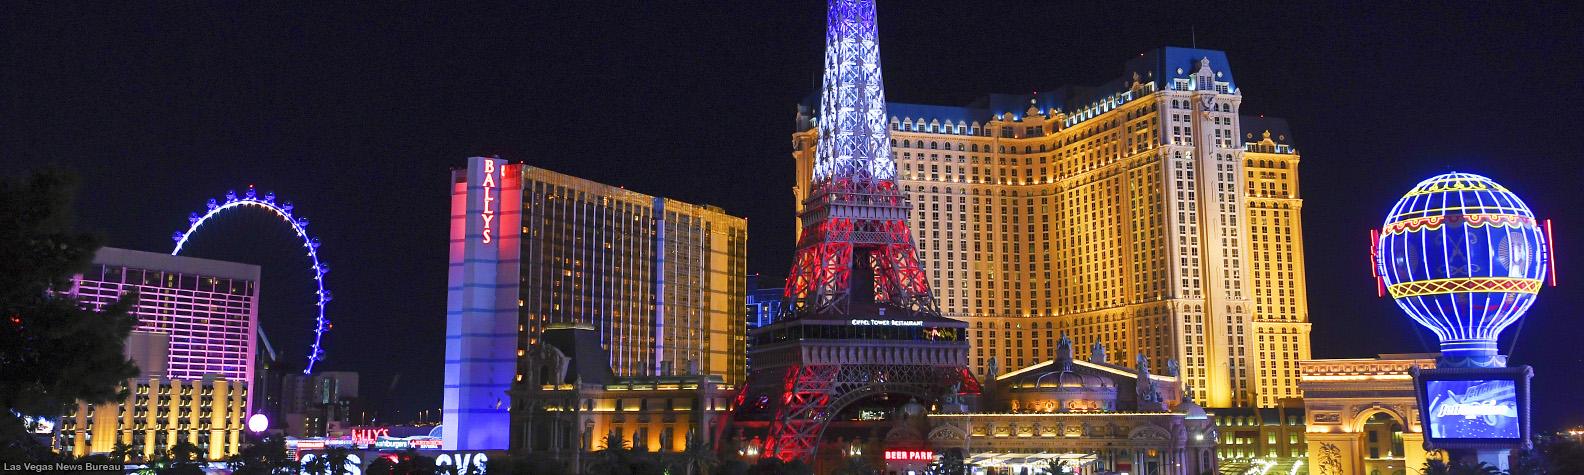 El impactante show de luces de la Torre Eiffel en Las Vegas